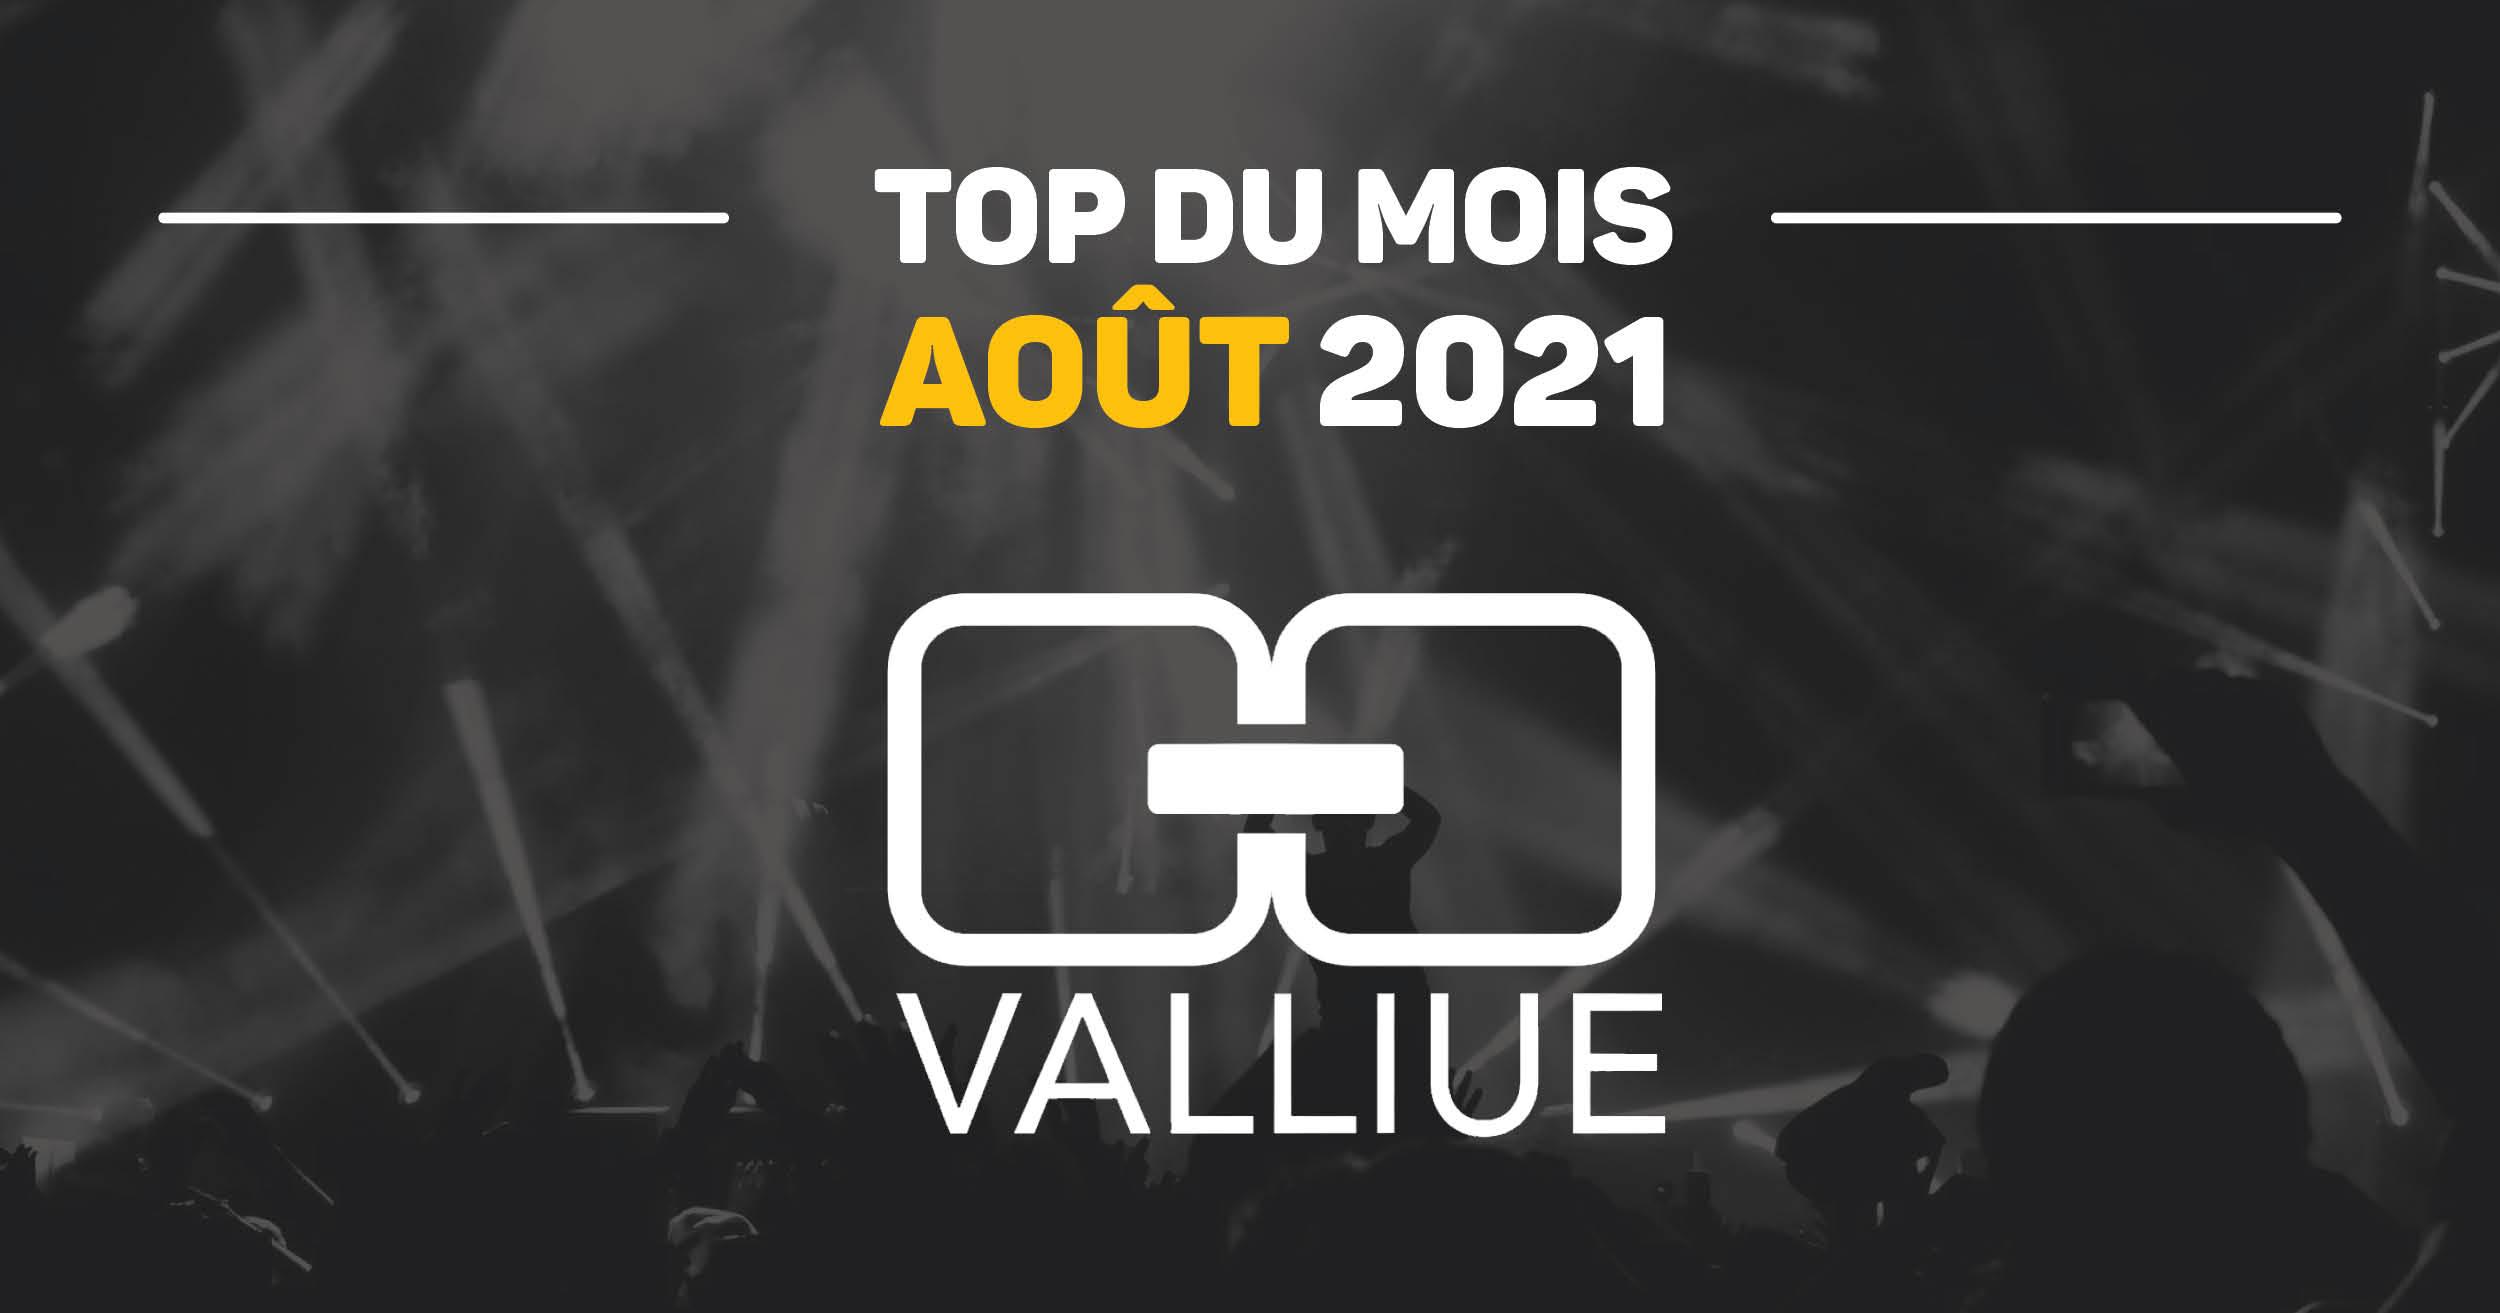 top-du-mois-valliue_aout21_facebook